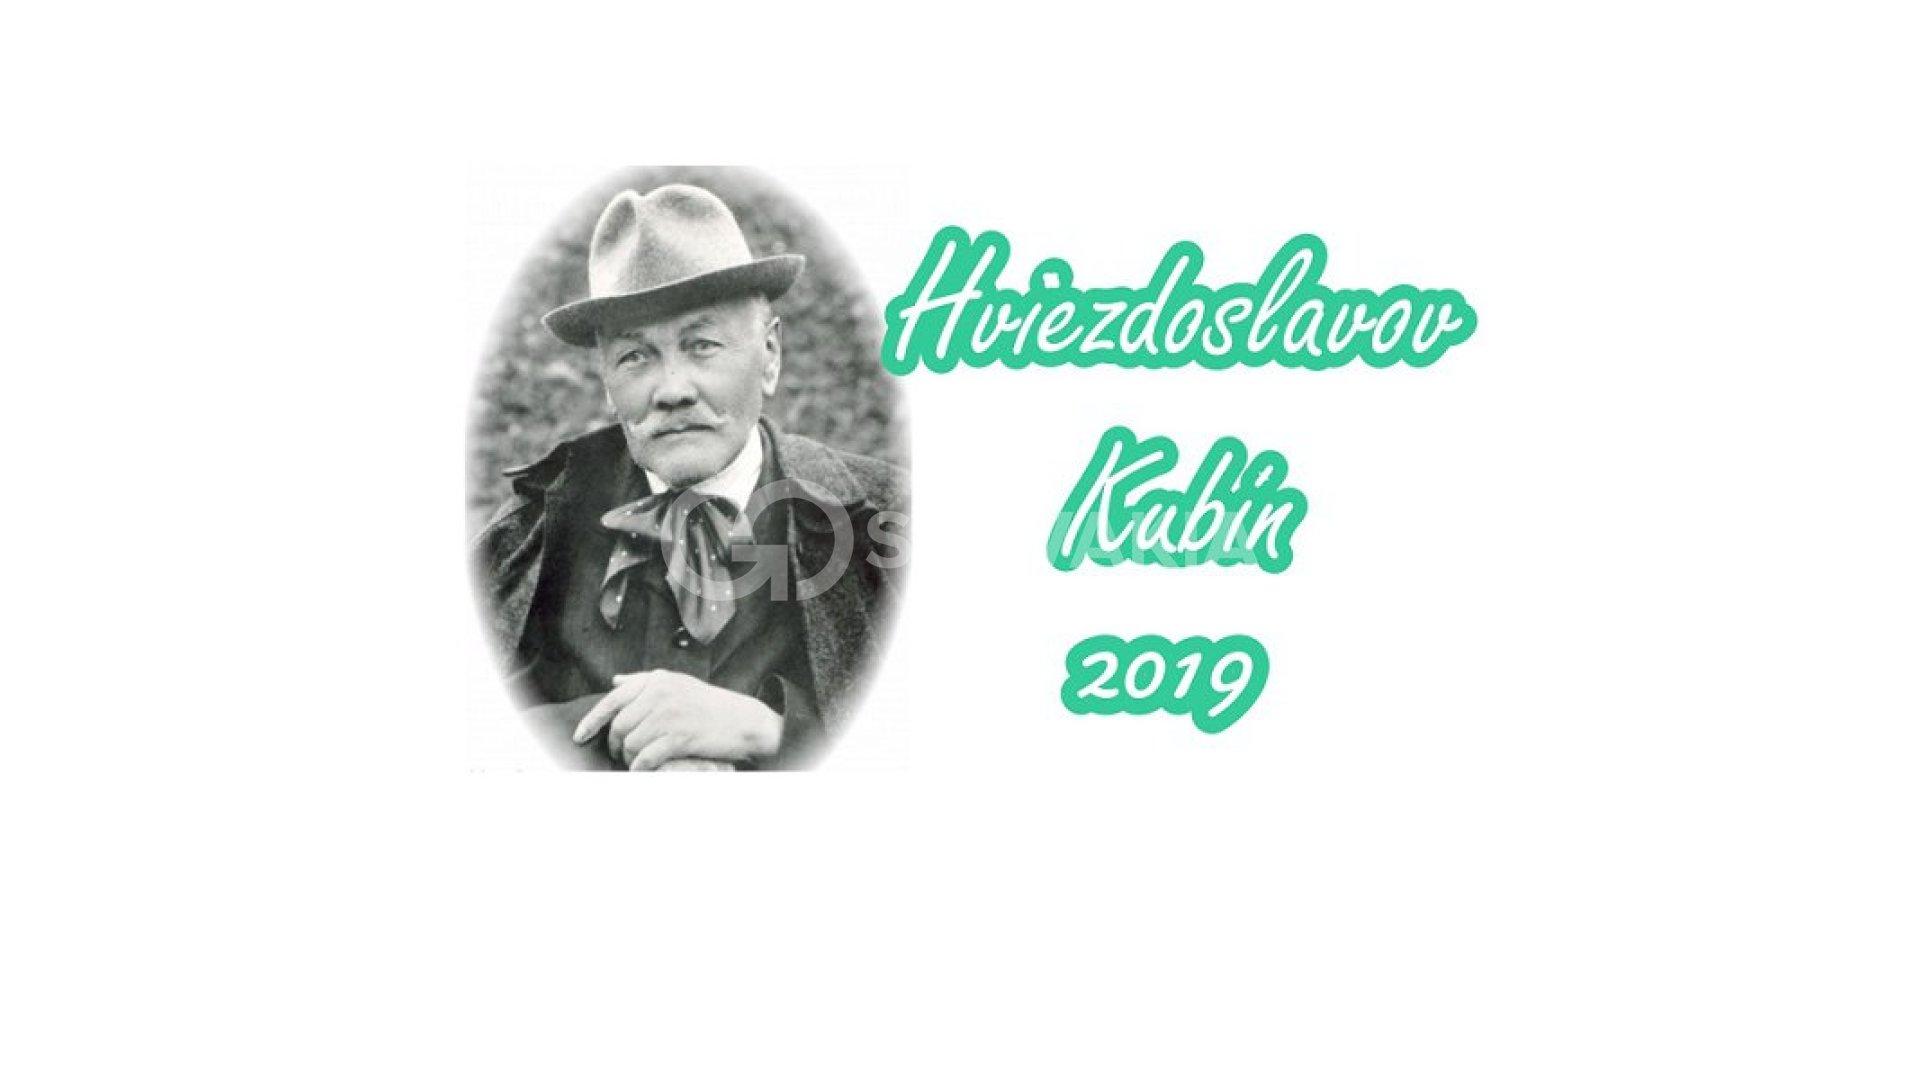 9292265d9 Hviezdoslavov Kubín 2019 Dolný Kubín - 65. ročník celoštátnej súťaže a  prehliadky v umeleckom prednese poézie a prózy, v tvorbe recitačných  kolektívov a ...